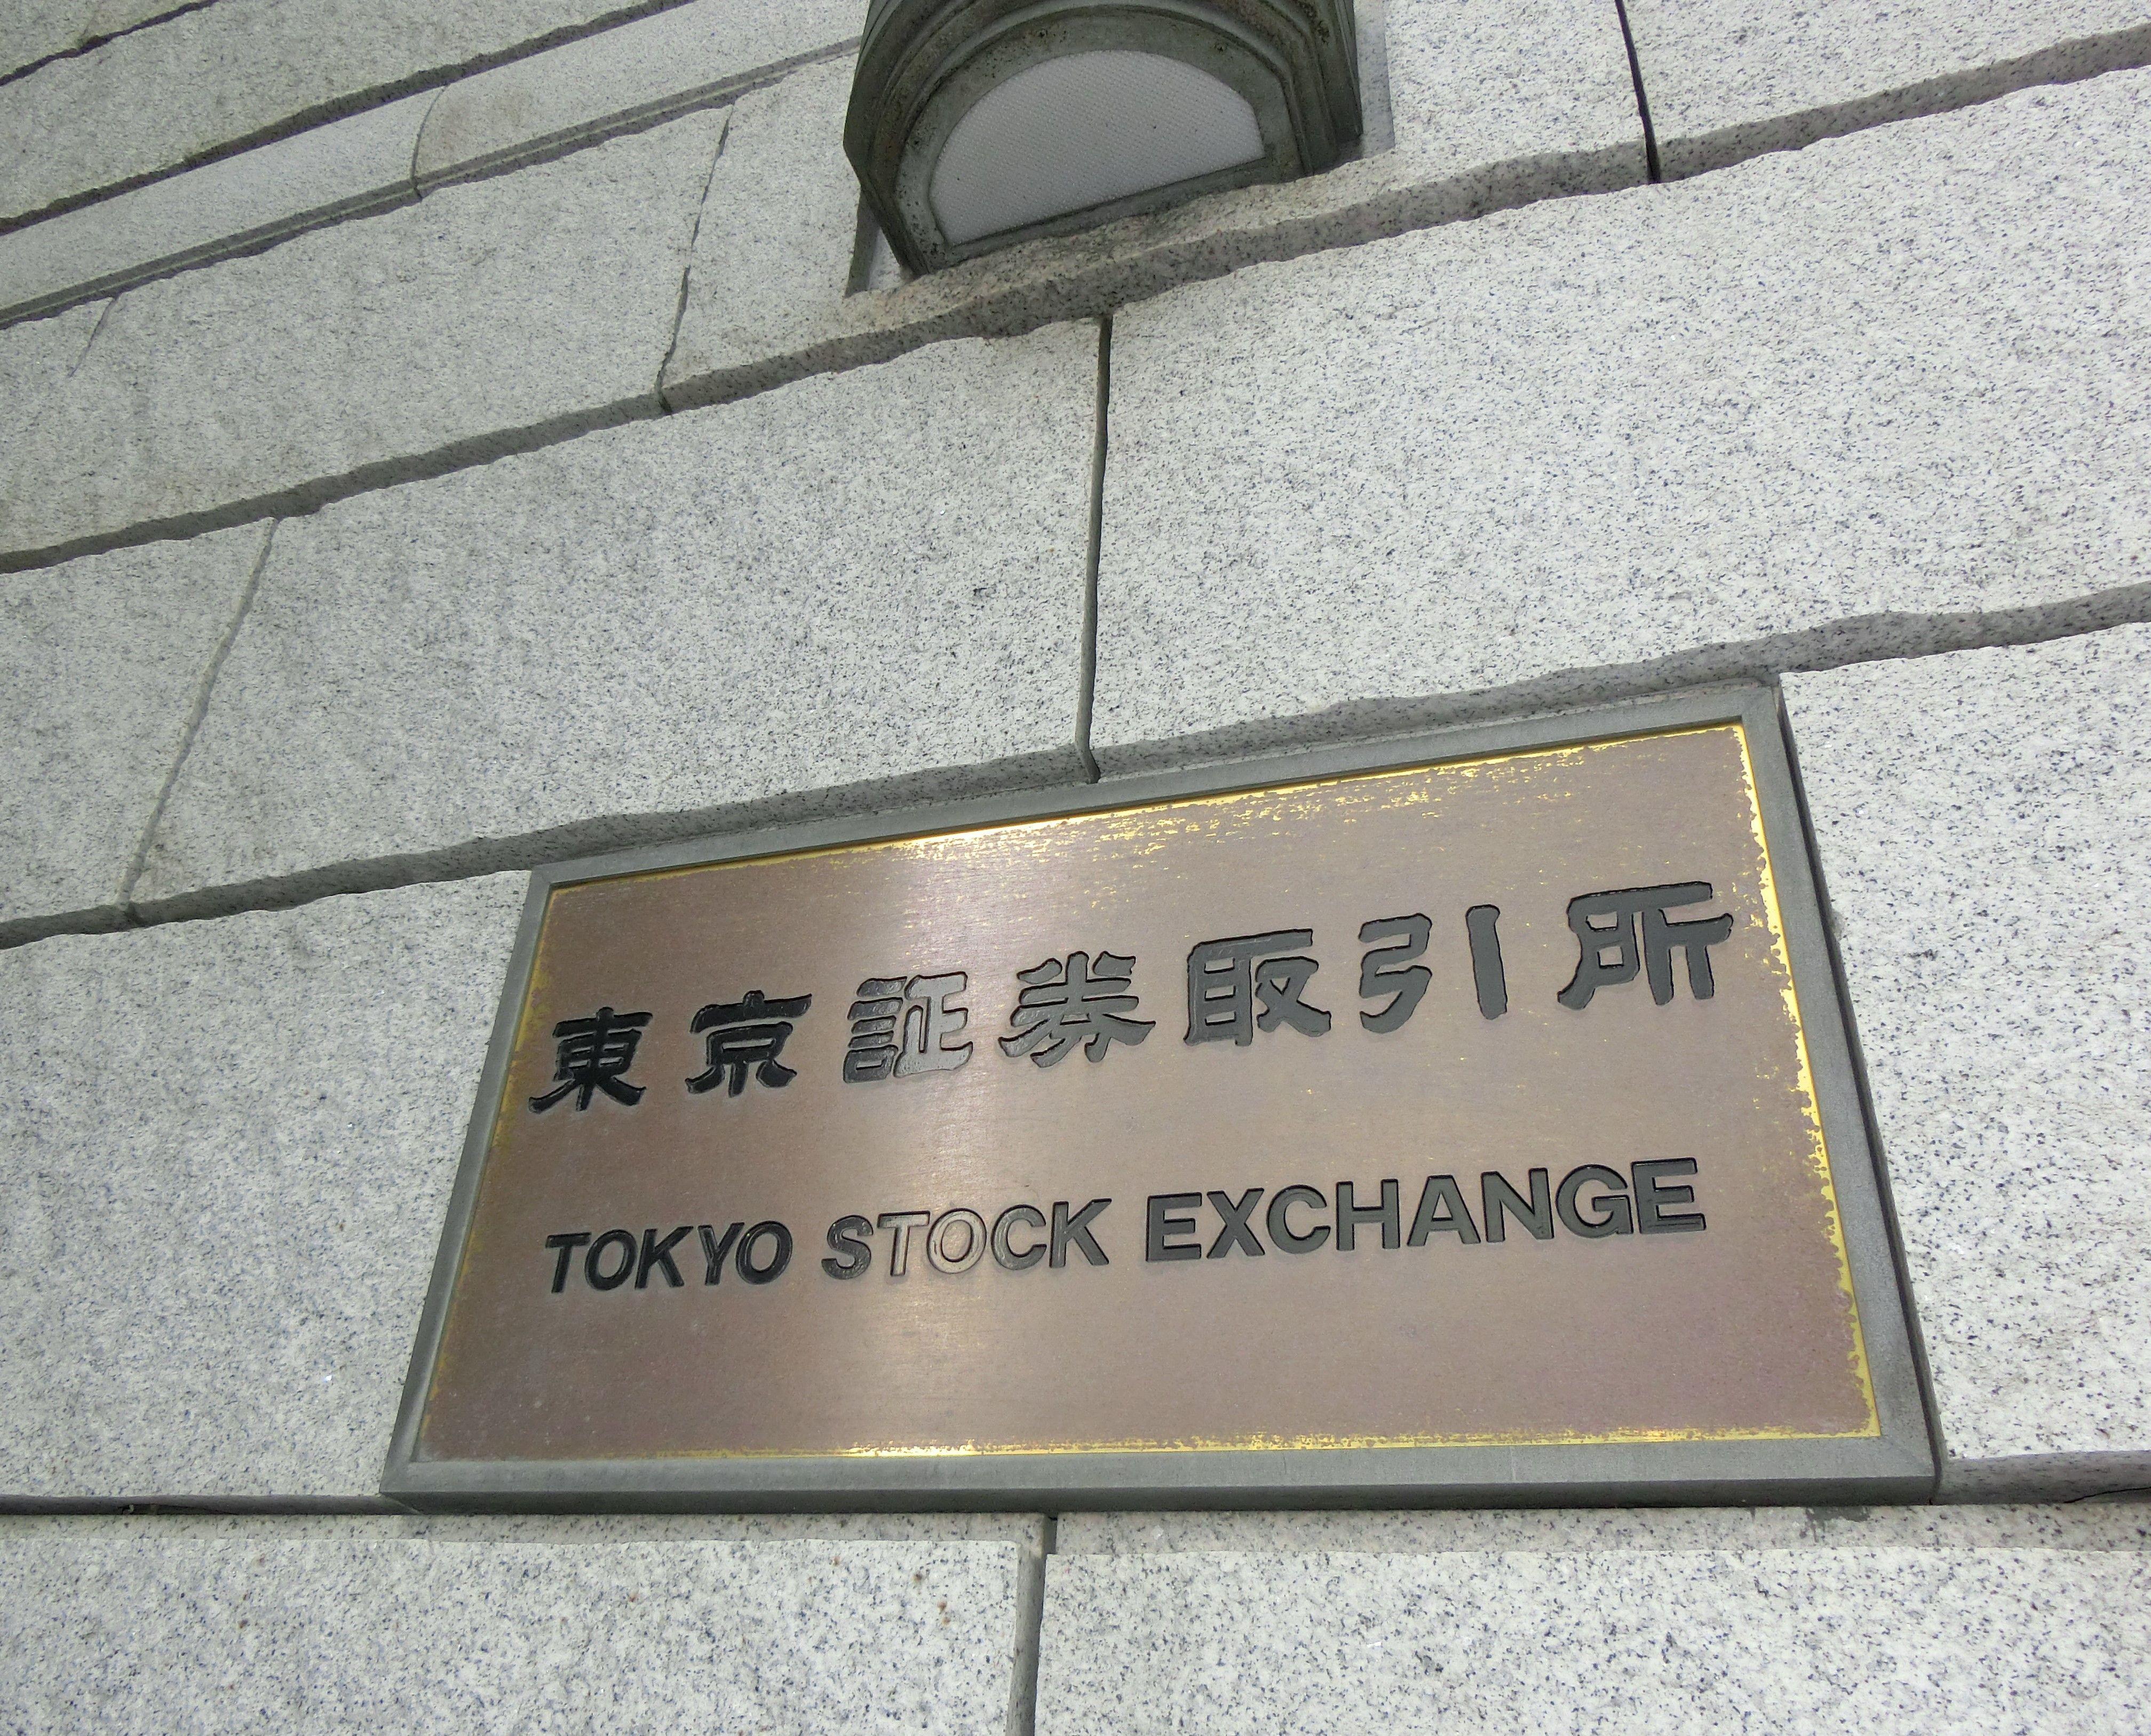 【2019年】東証上場を廃止した企業は?